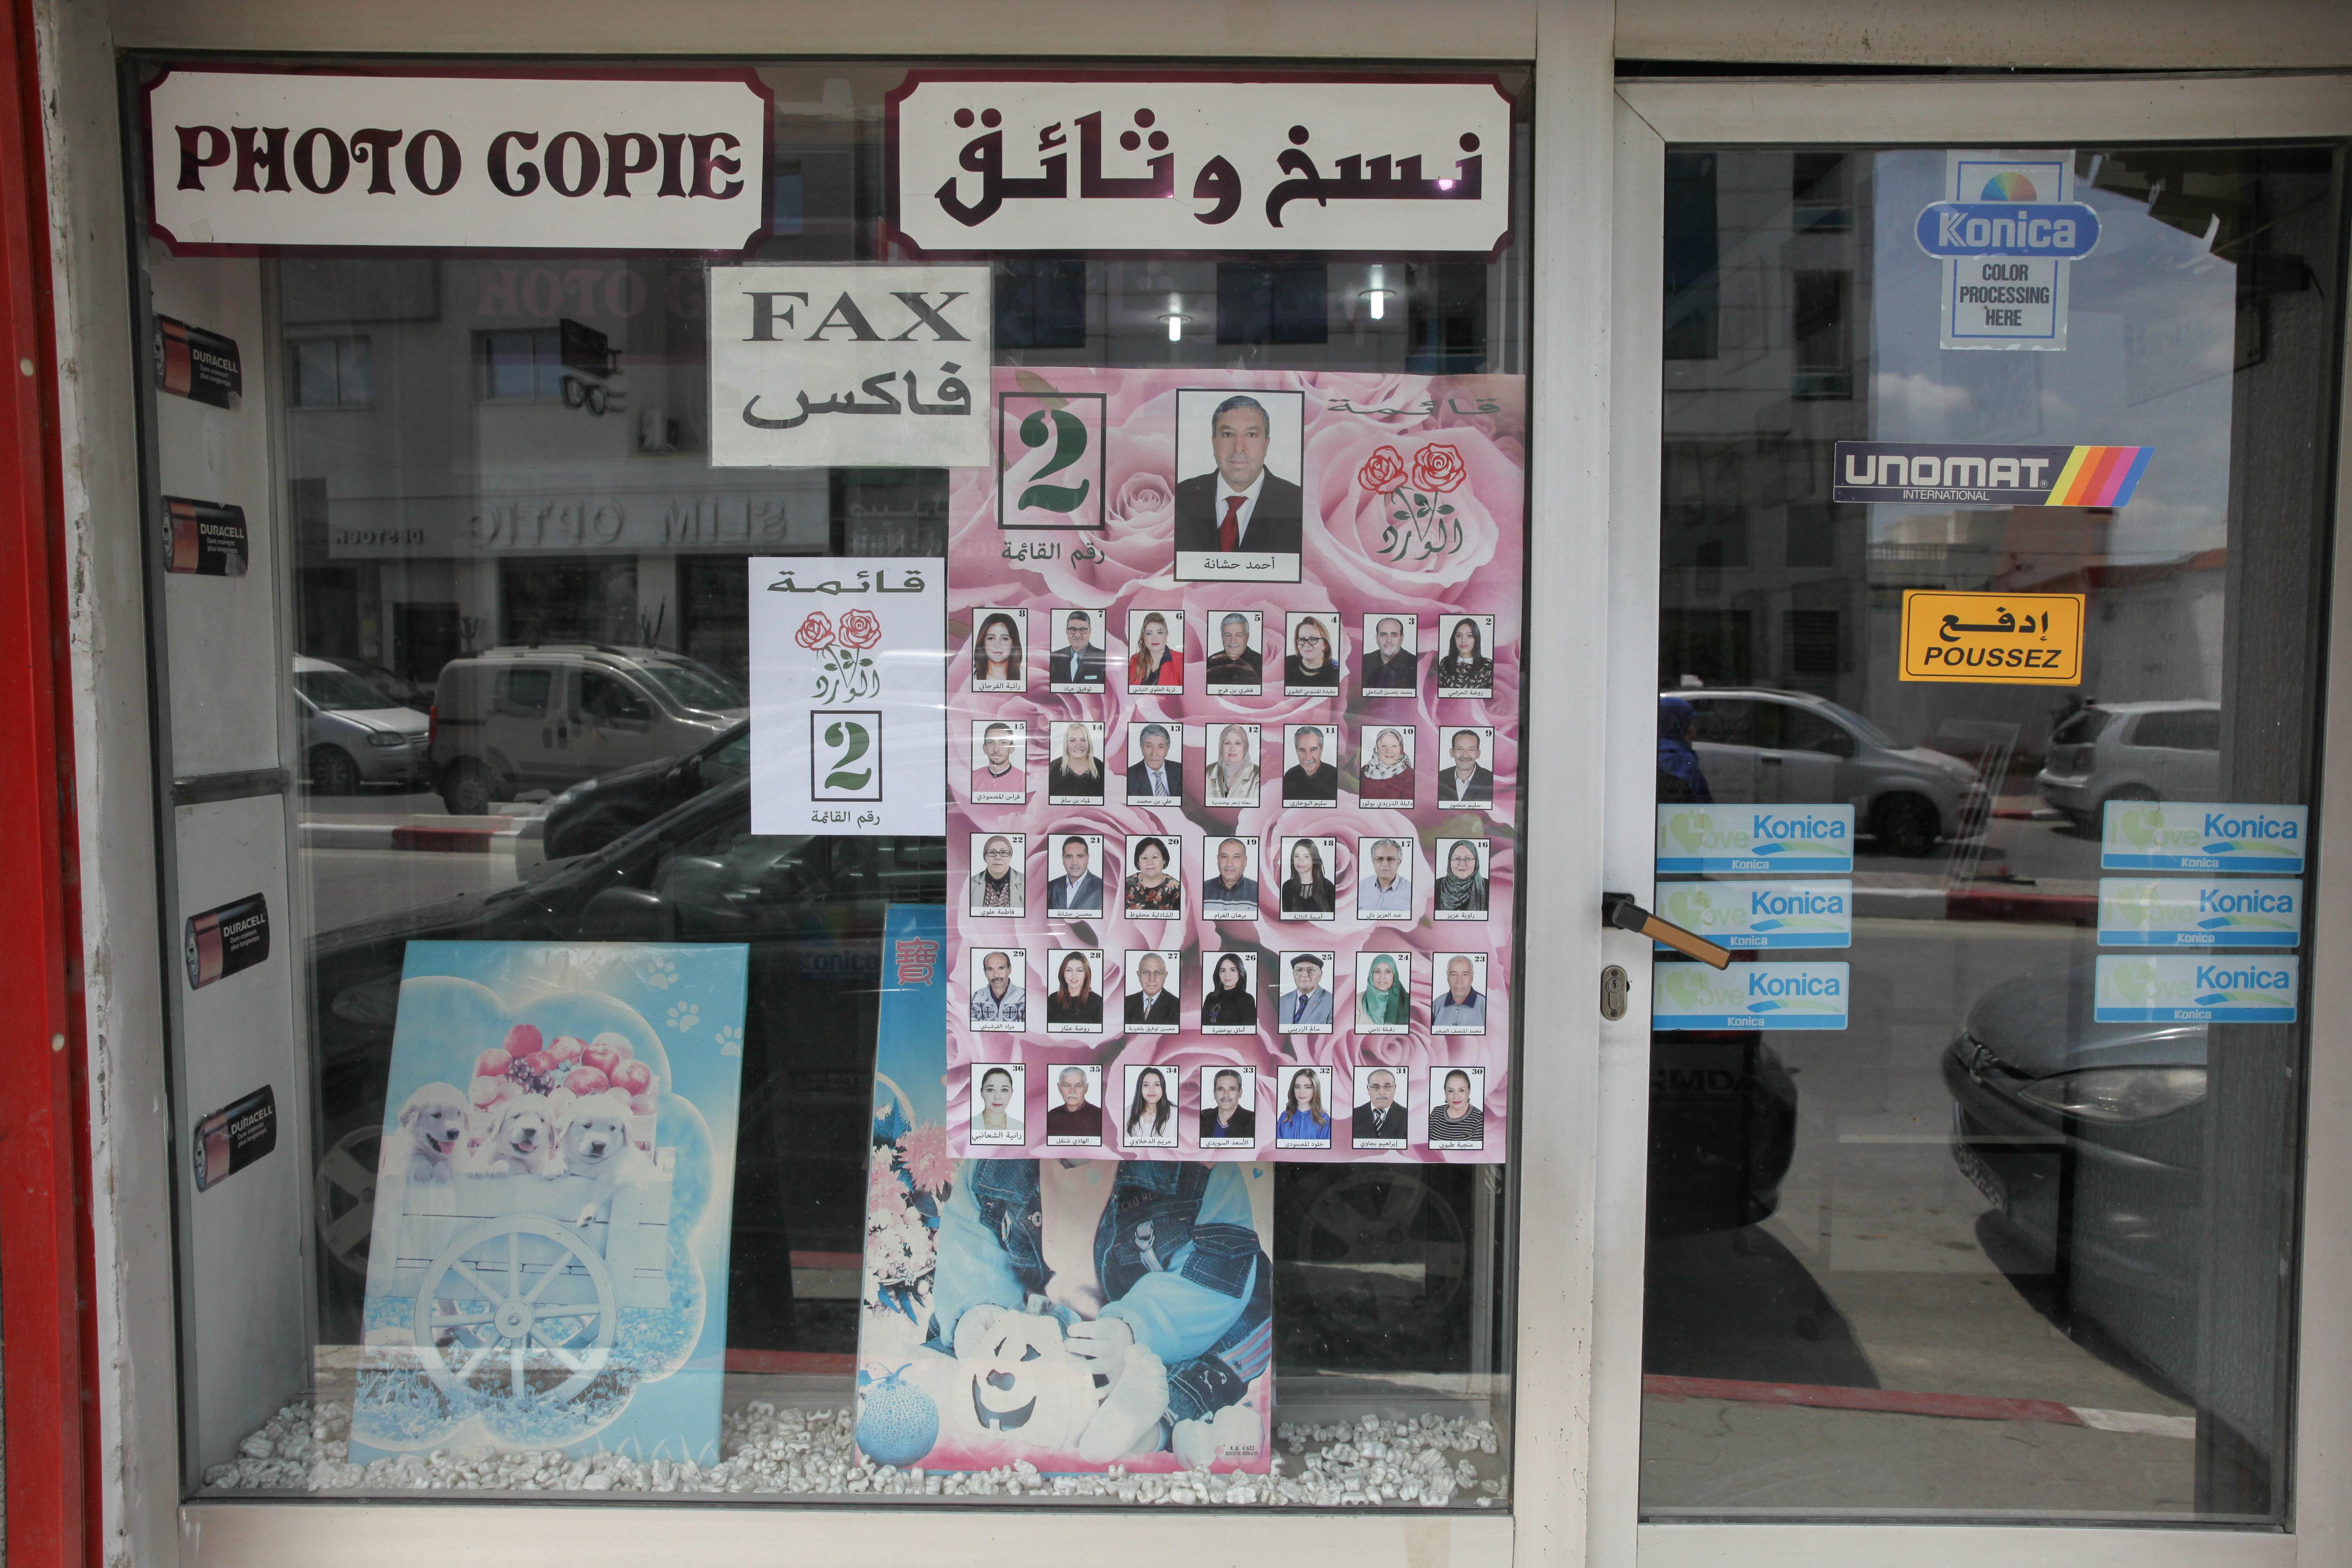 La municipalité de Tunis décide d'imposer l'inclusion de l'arabe dans toutes les enseignes des commerces de la